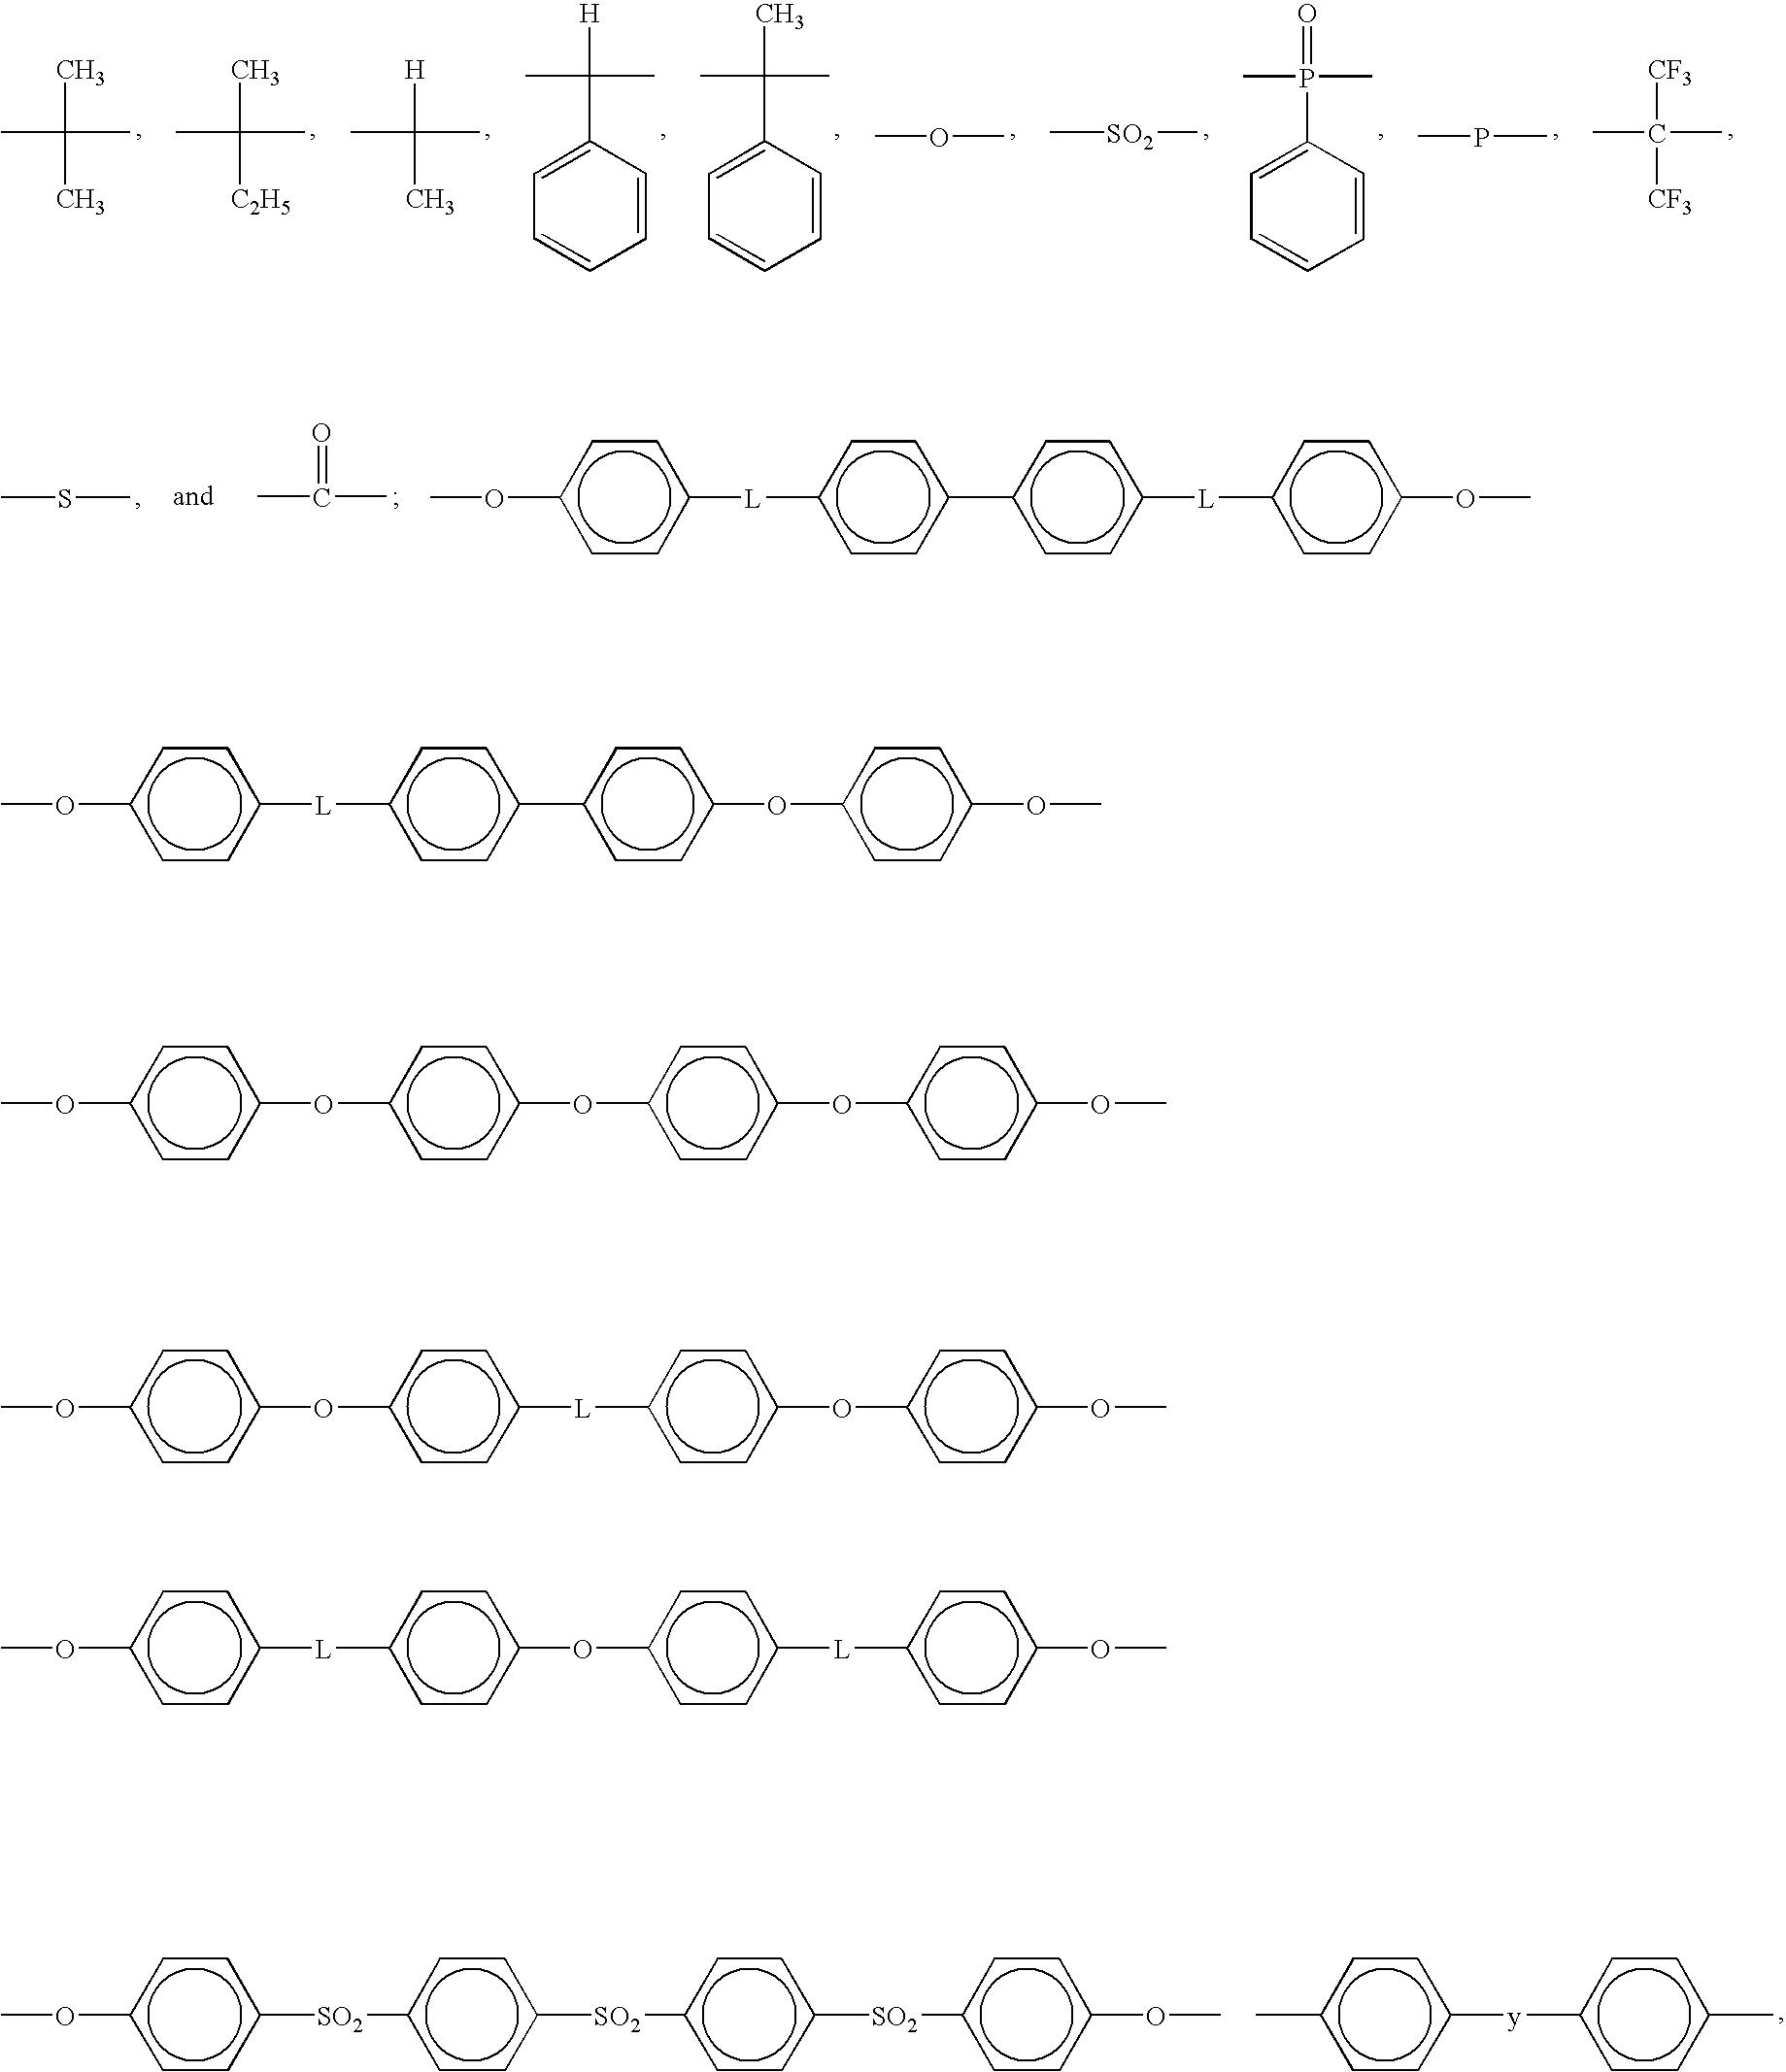 Figure US20080319159A1-20081225-C00016